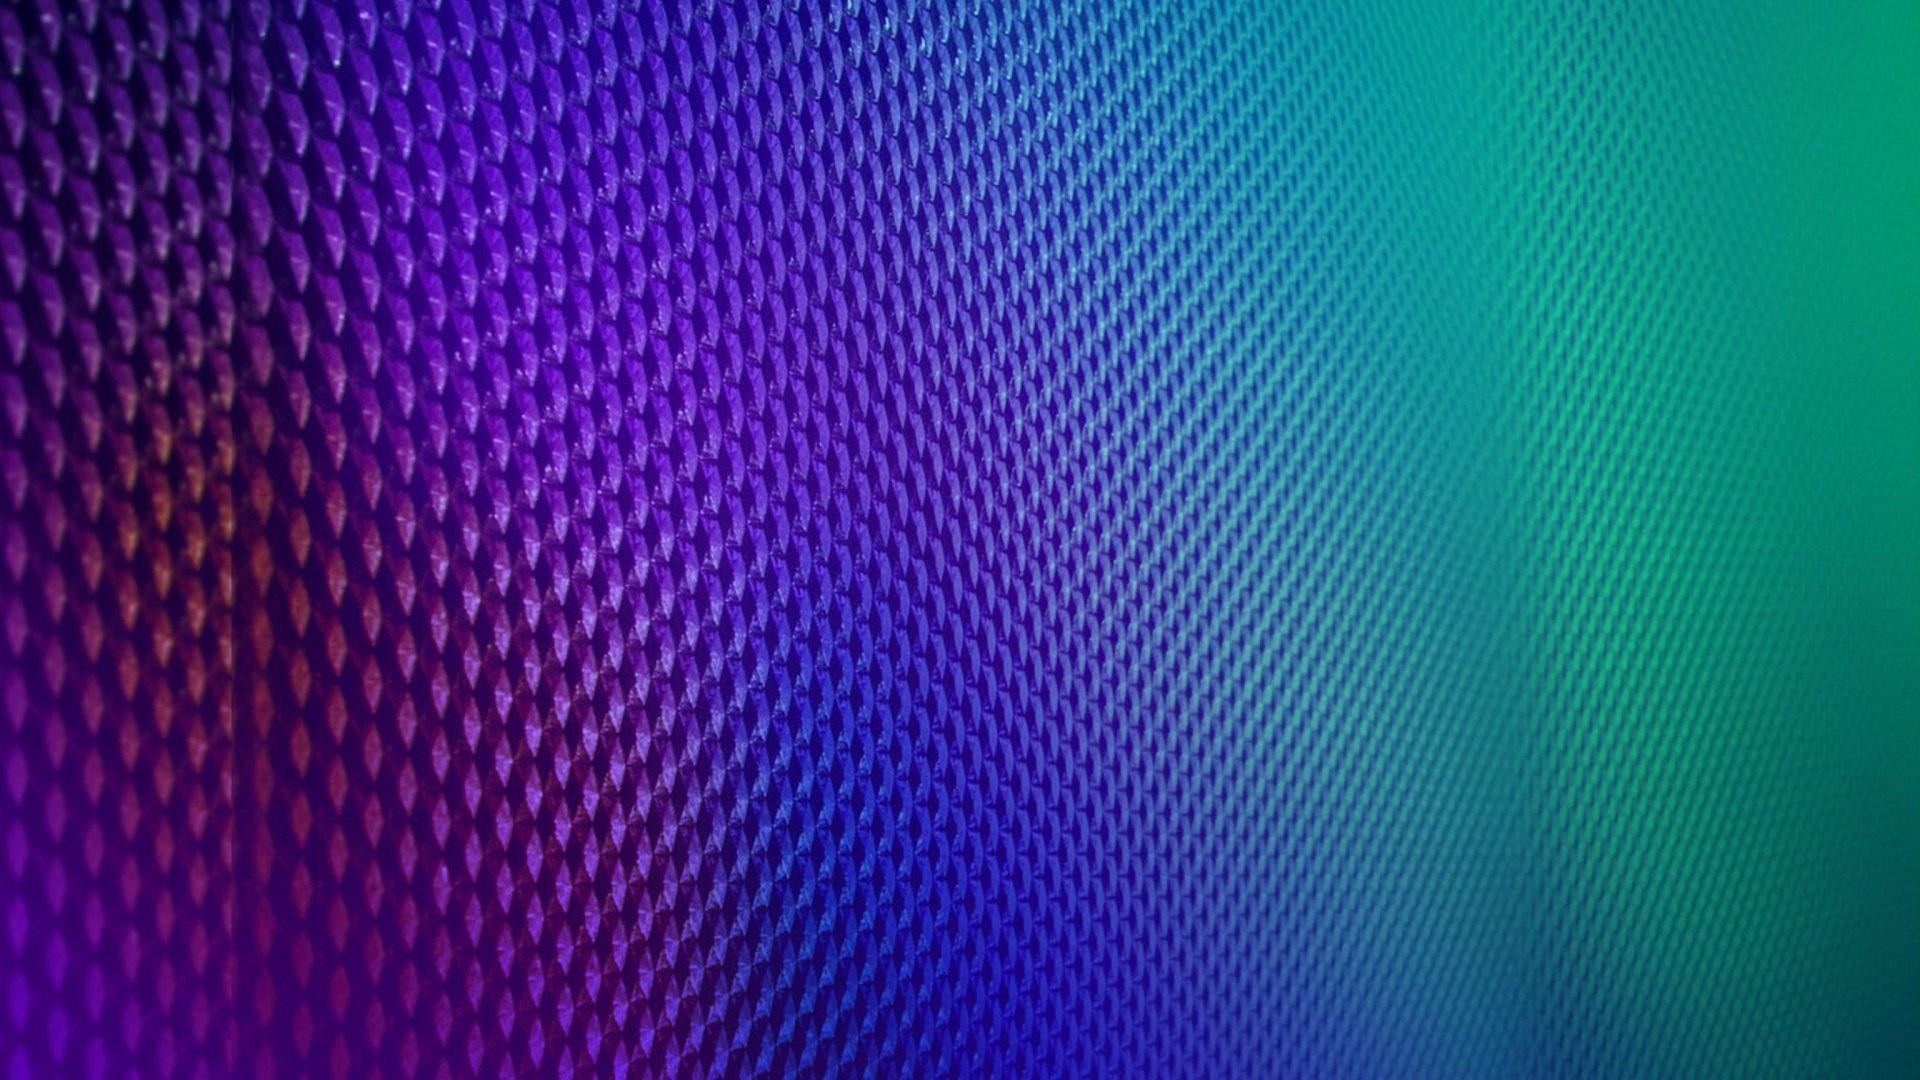 Samsung computer wallpaper